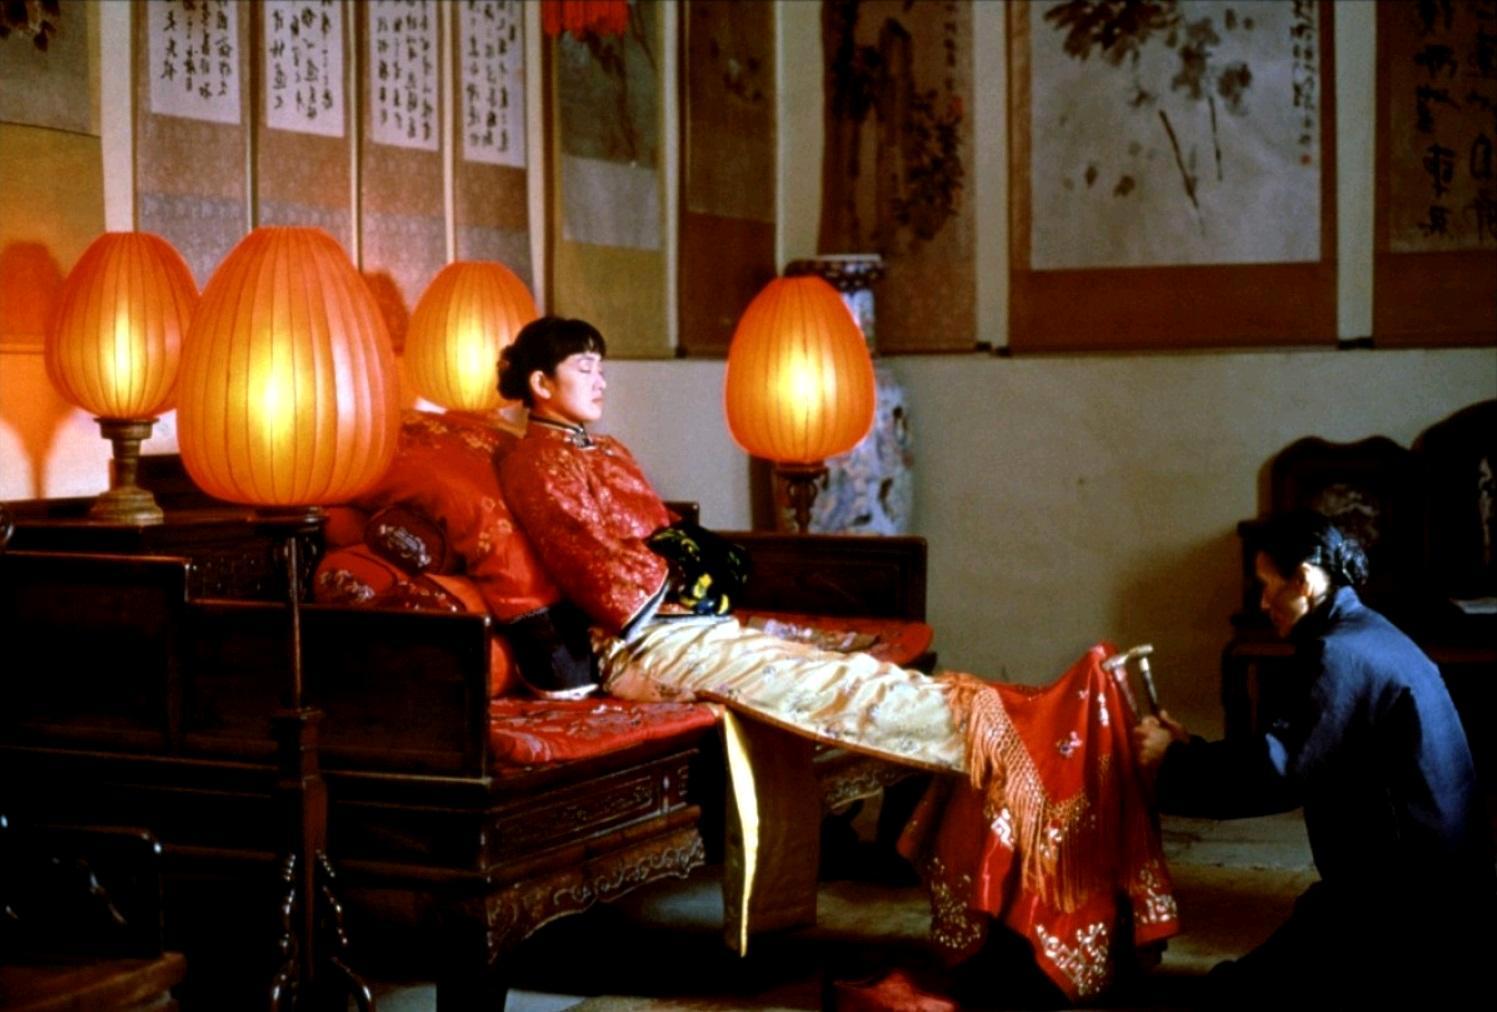 Luchshie-filmyi-v-retsenziyah-Zazhgi-krasnyiy-fonar-Da-hong-deng-long-gao-gao-gua-1991-2